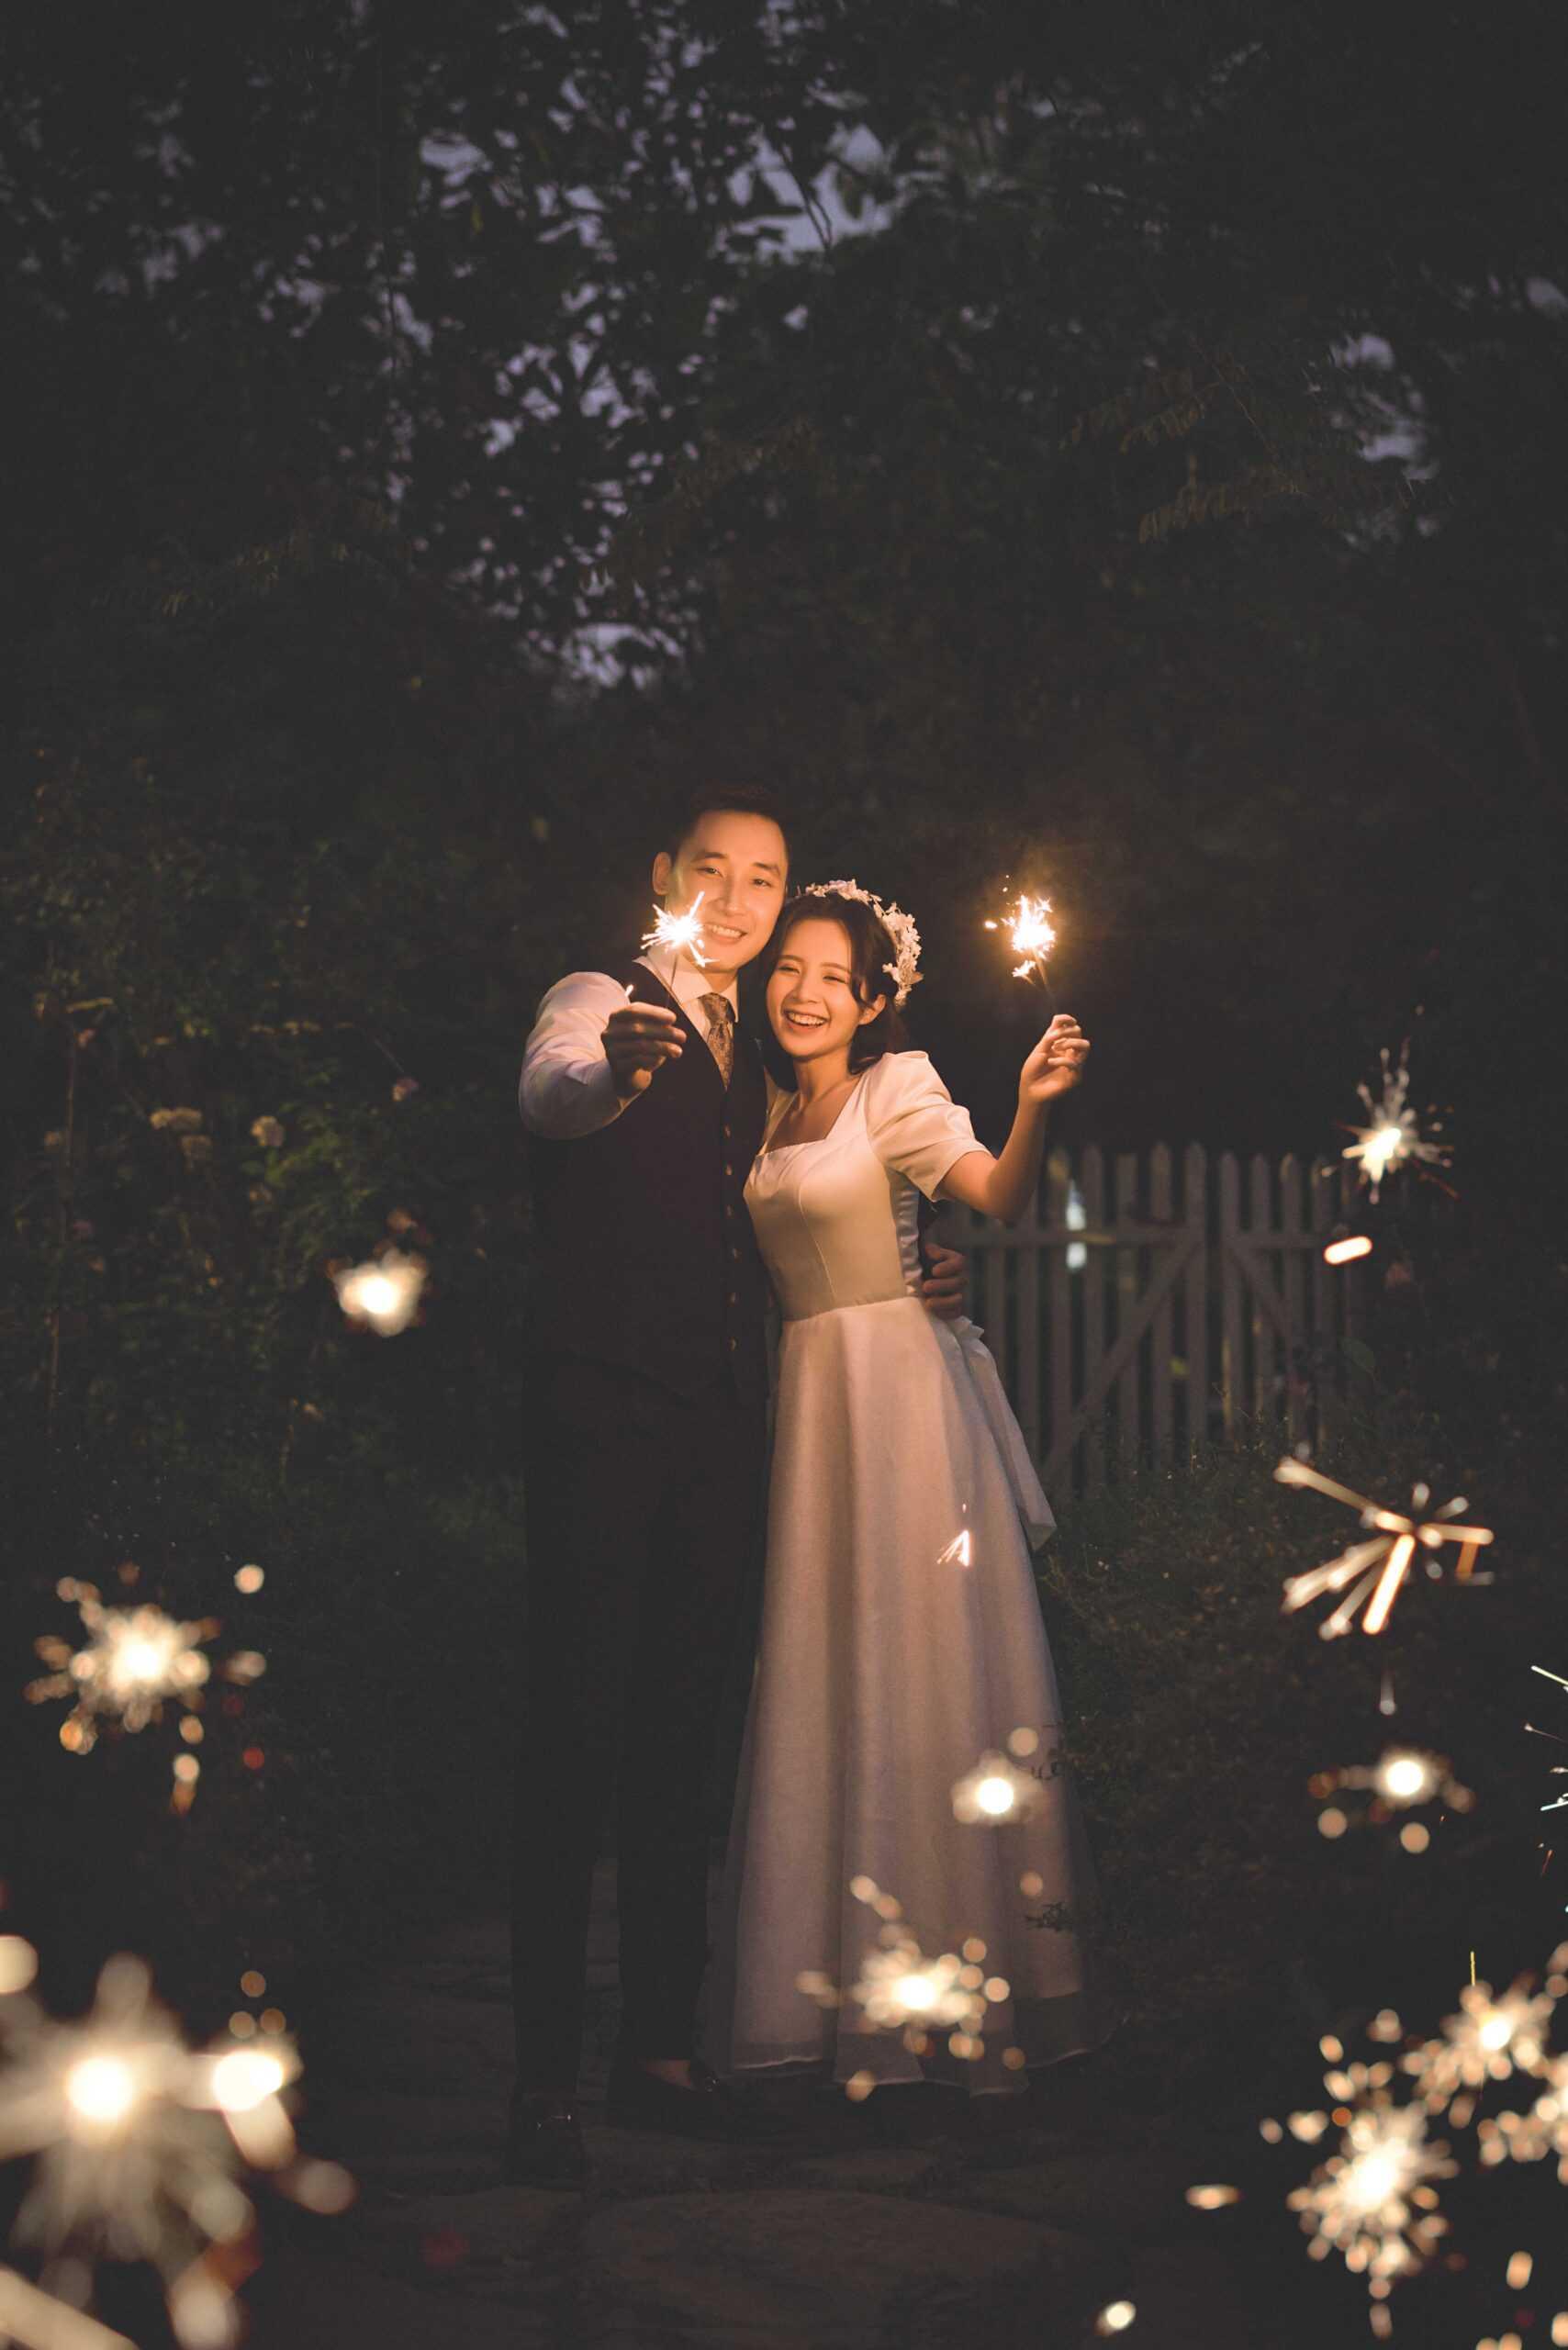 chụp ảnh cưới theo ý tưởng